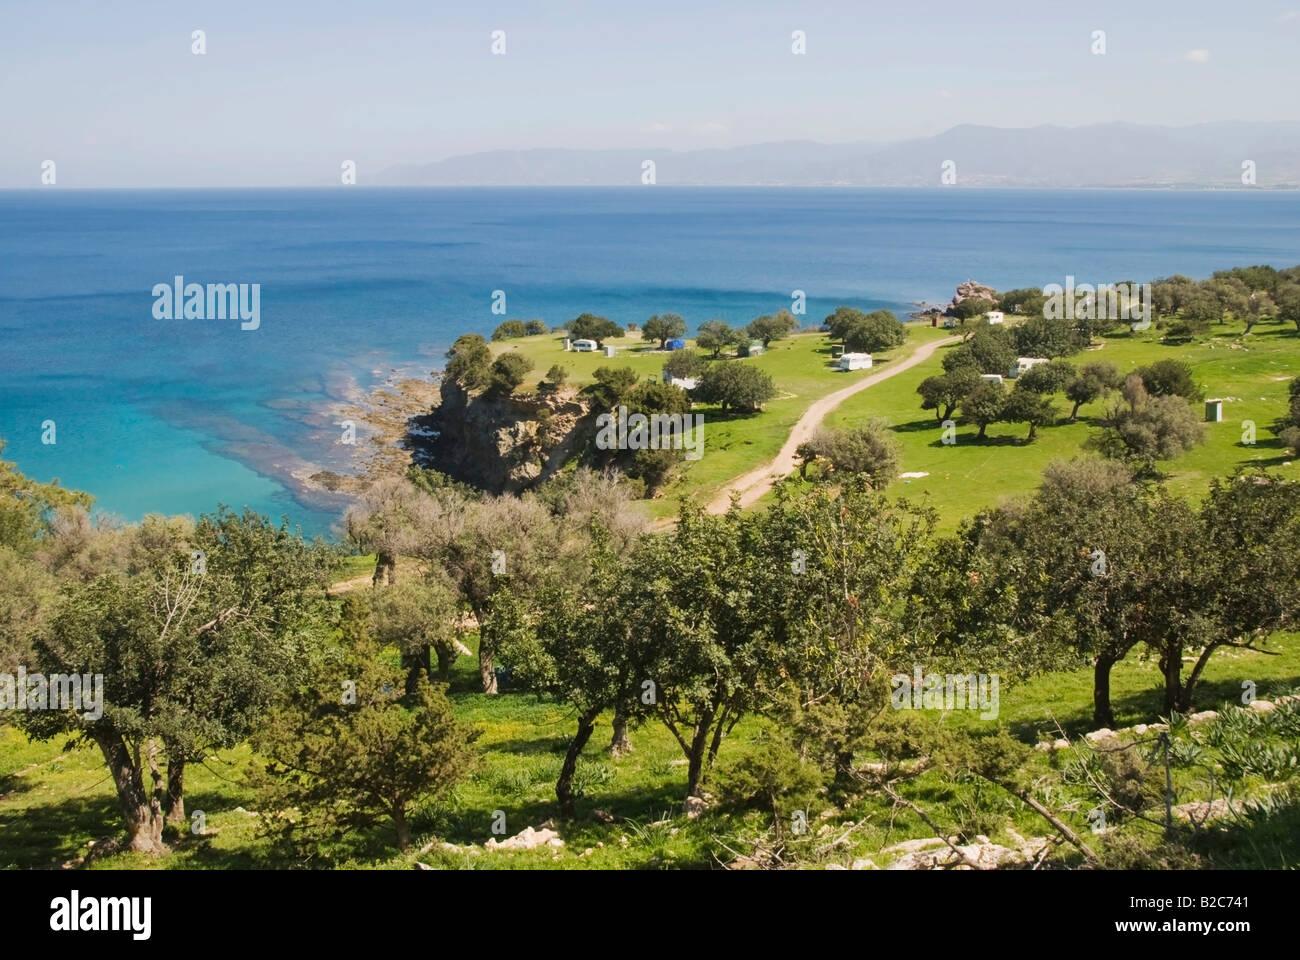 Bay, Aphrodites Pool, Cyprus - Stock Image